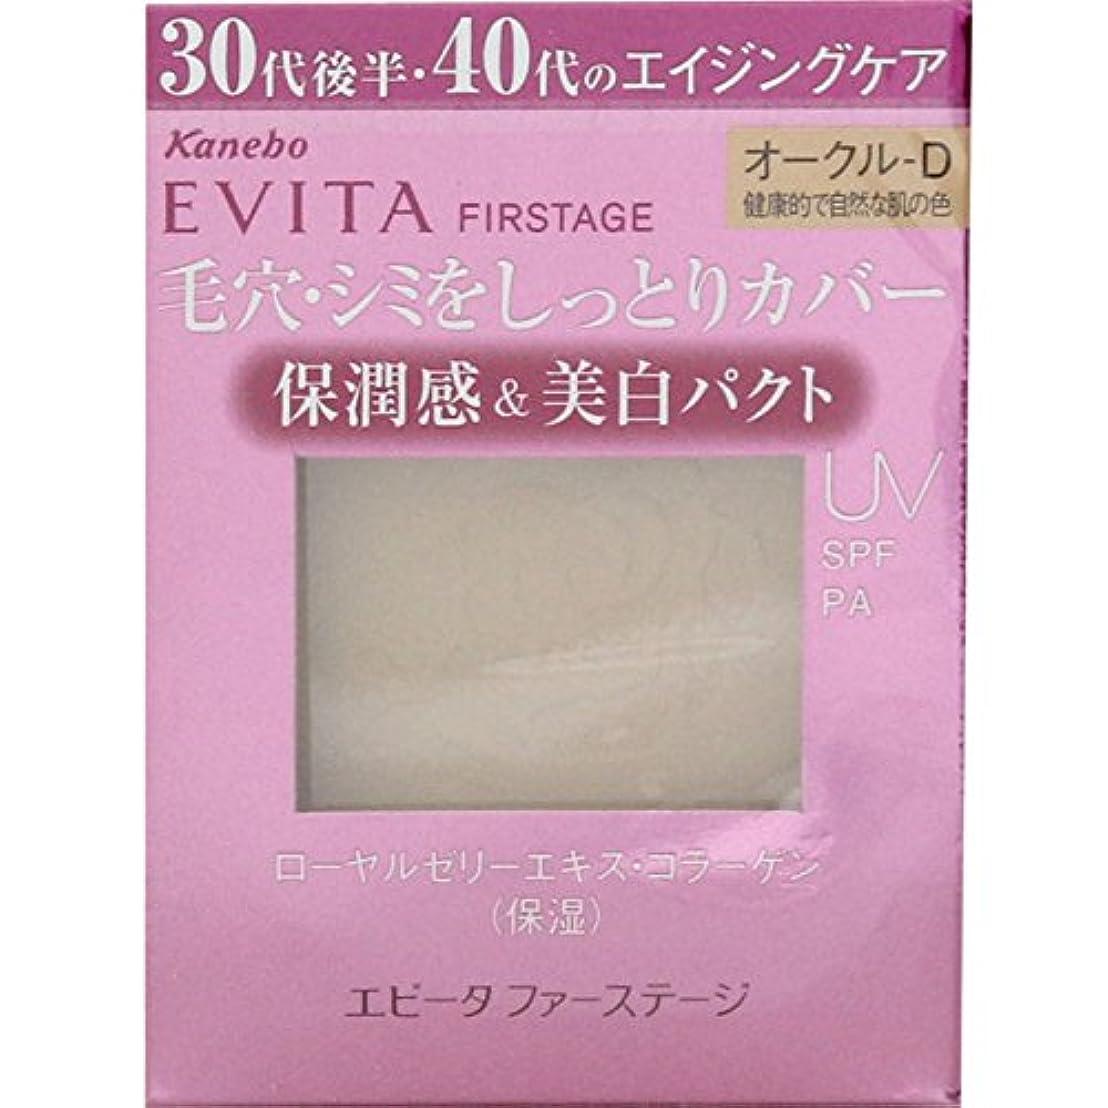 事実上メンター効率的にカネボウ EVITA エビータ ファーステージ ビューティパクト オークルーD 10.5g パウダーファンデーション [ヘルスケア&ケア用品]